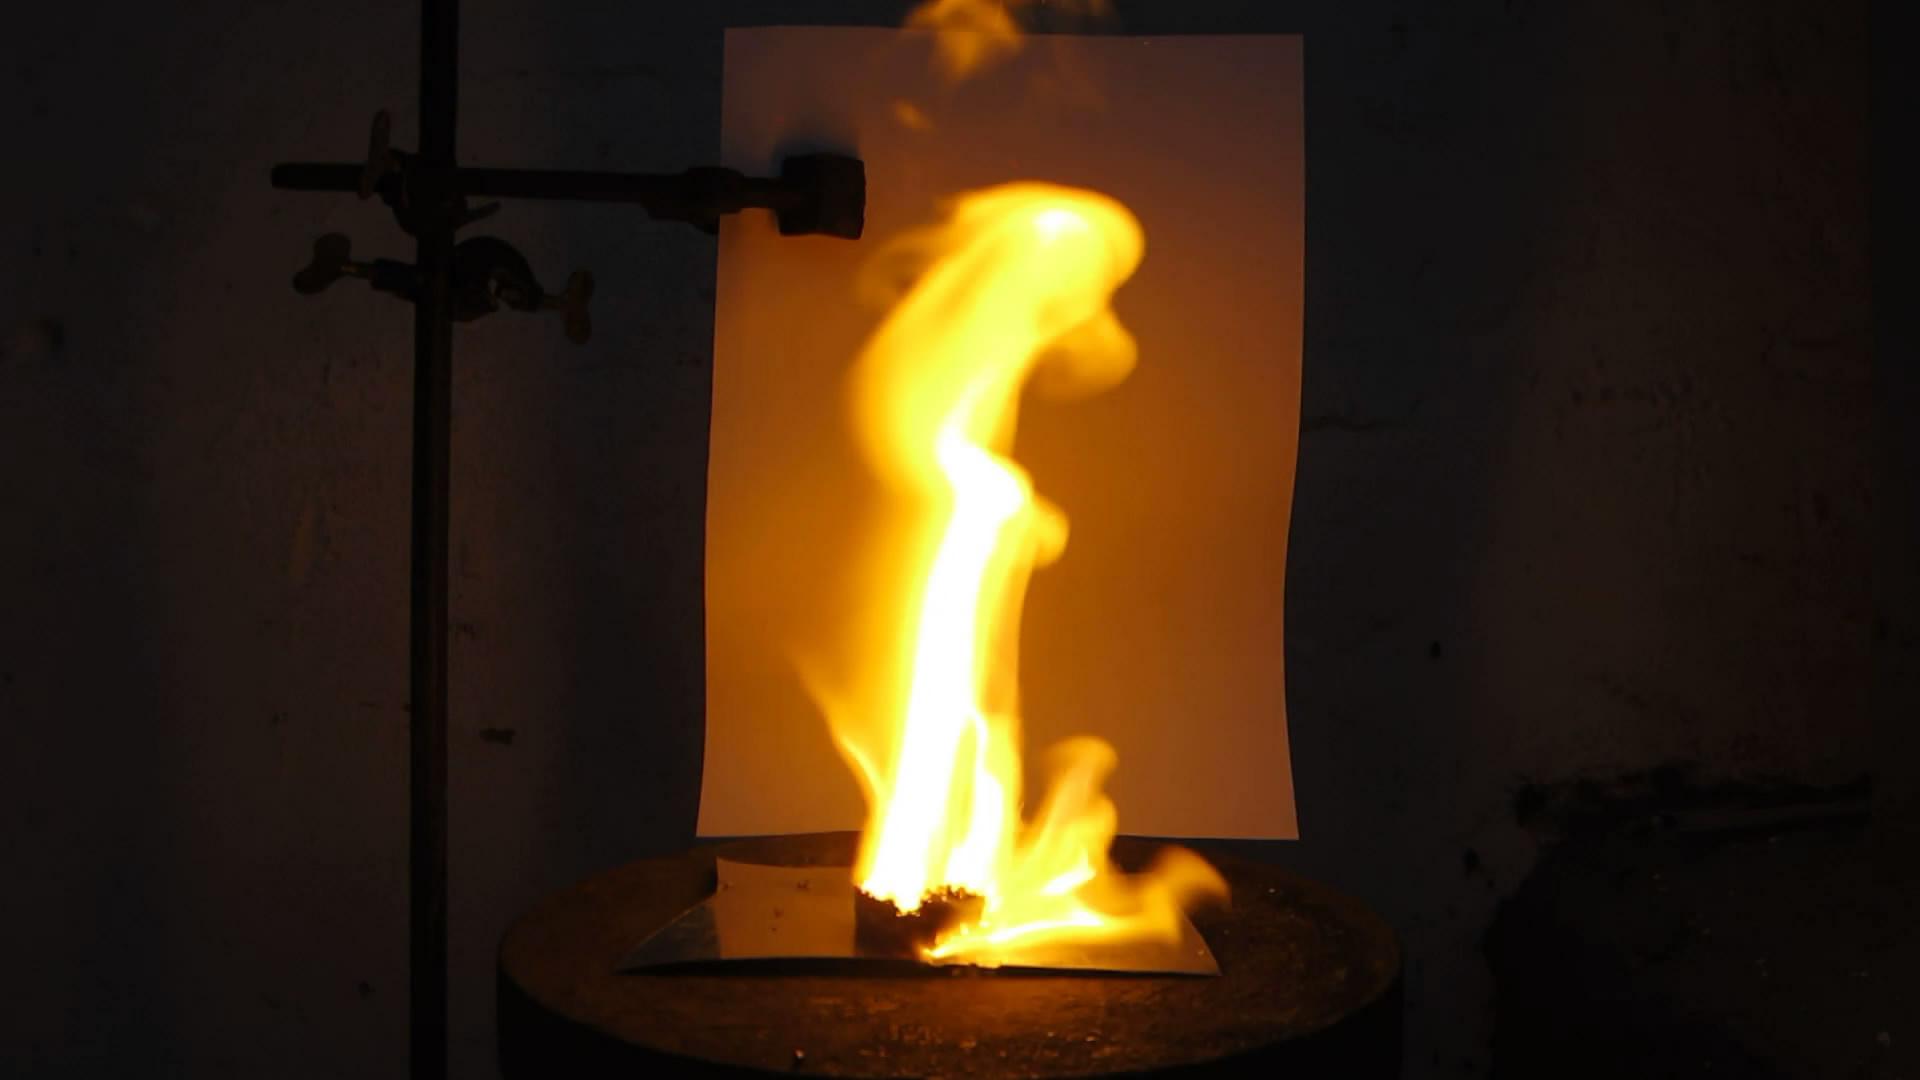 Реактивный сухарь (горение сухаря, пропитанного жидким кислородом)